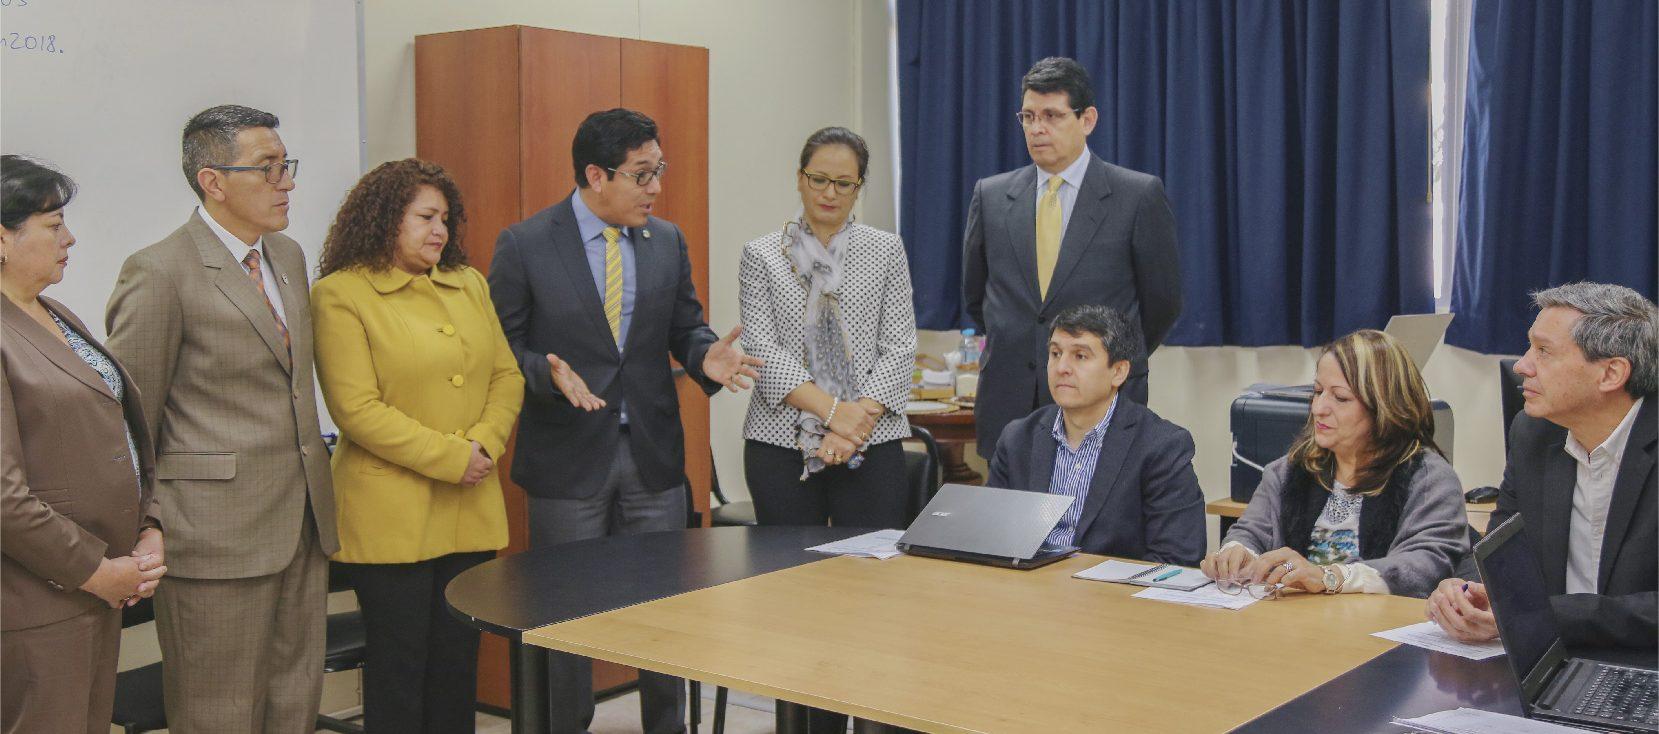 Medicina de la Unach recibe a los evaluadores del Ceaaces